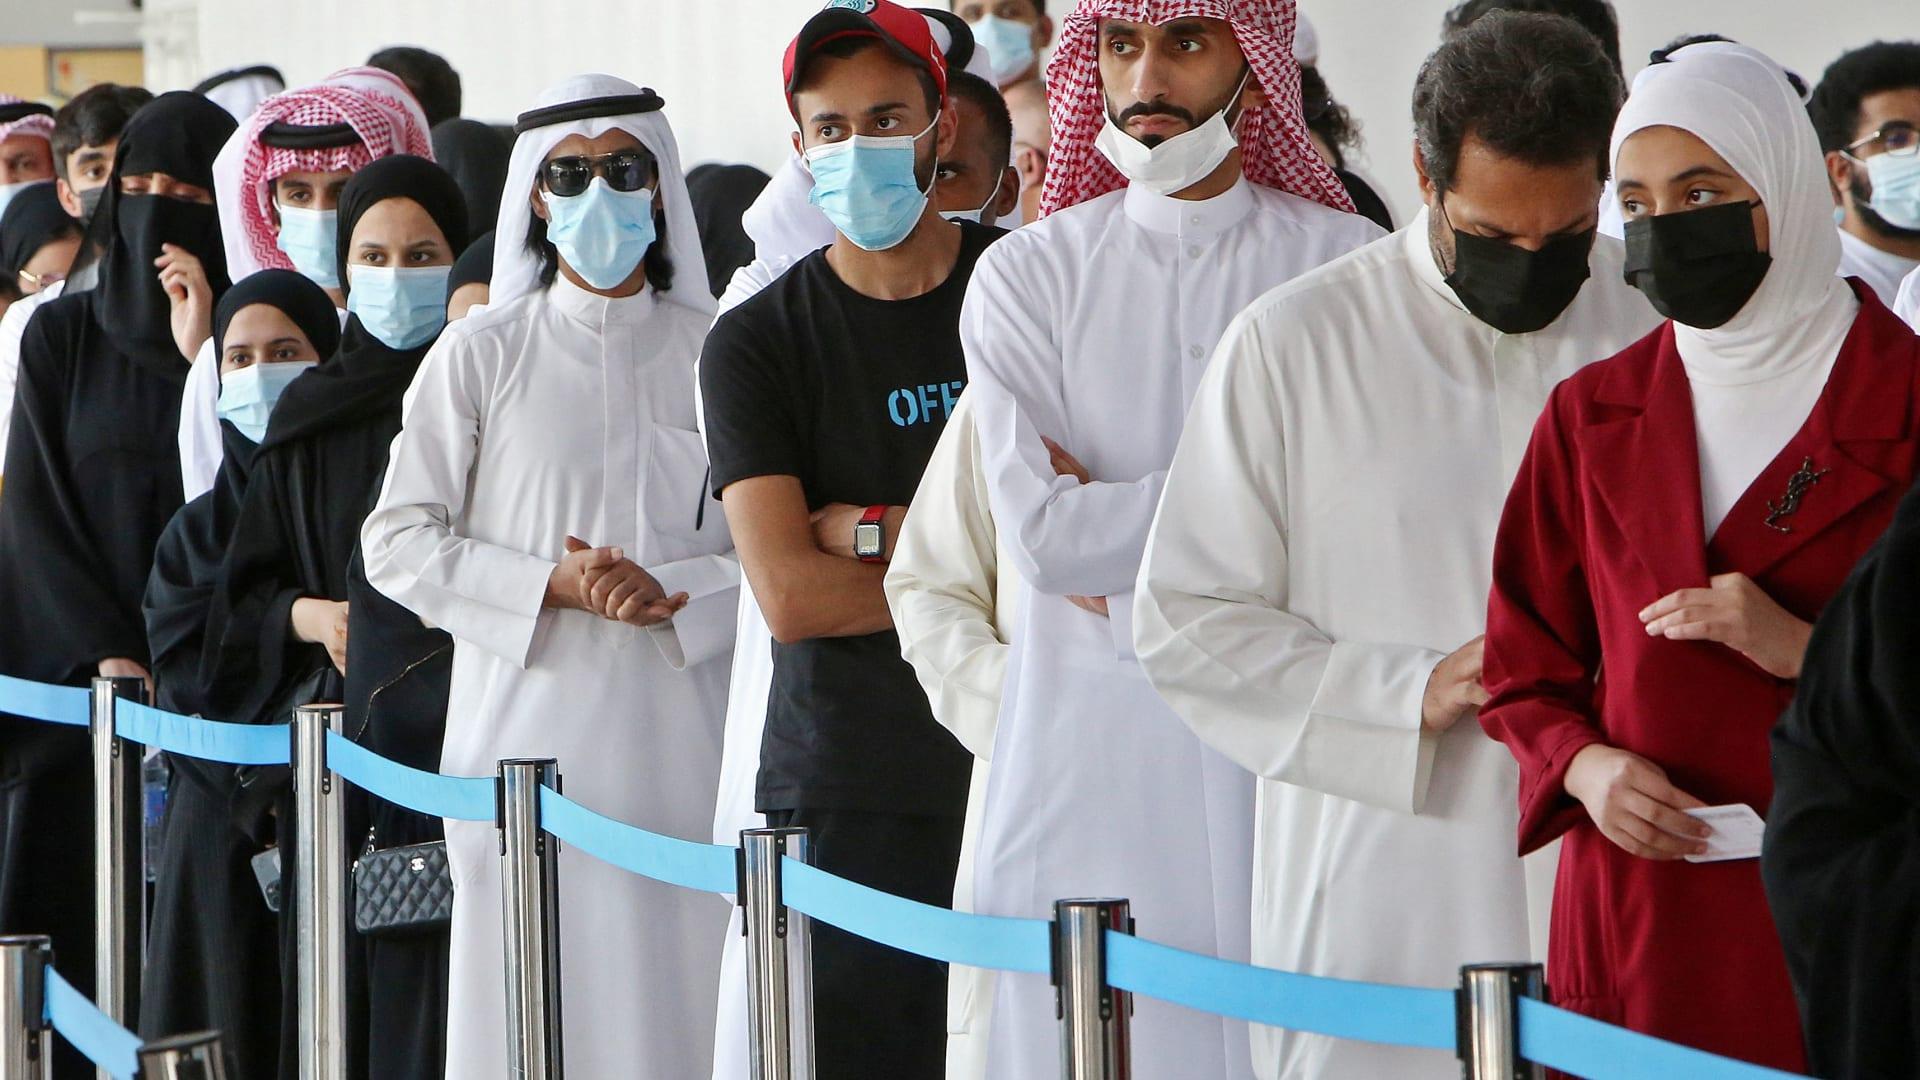 6 بلدان توصي مراكز السيطرة على الأمراض بتجنب السفر إليها.. ما هي؟